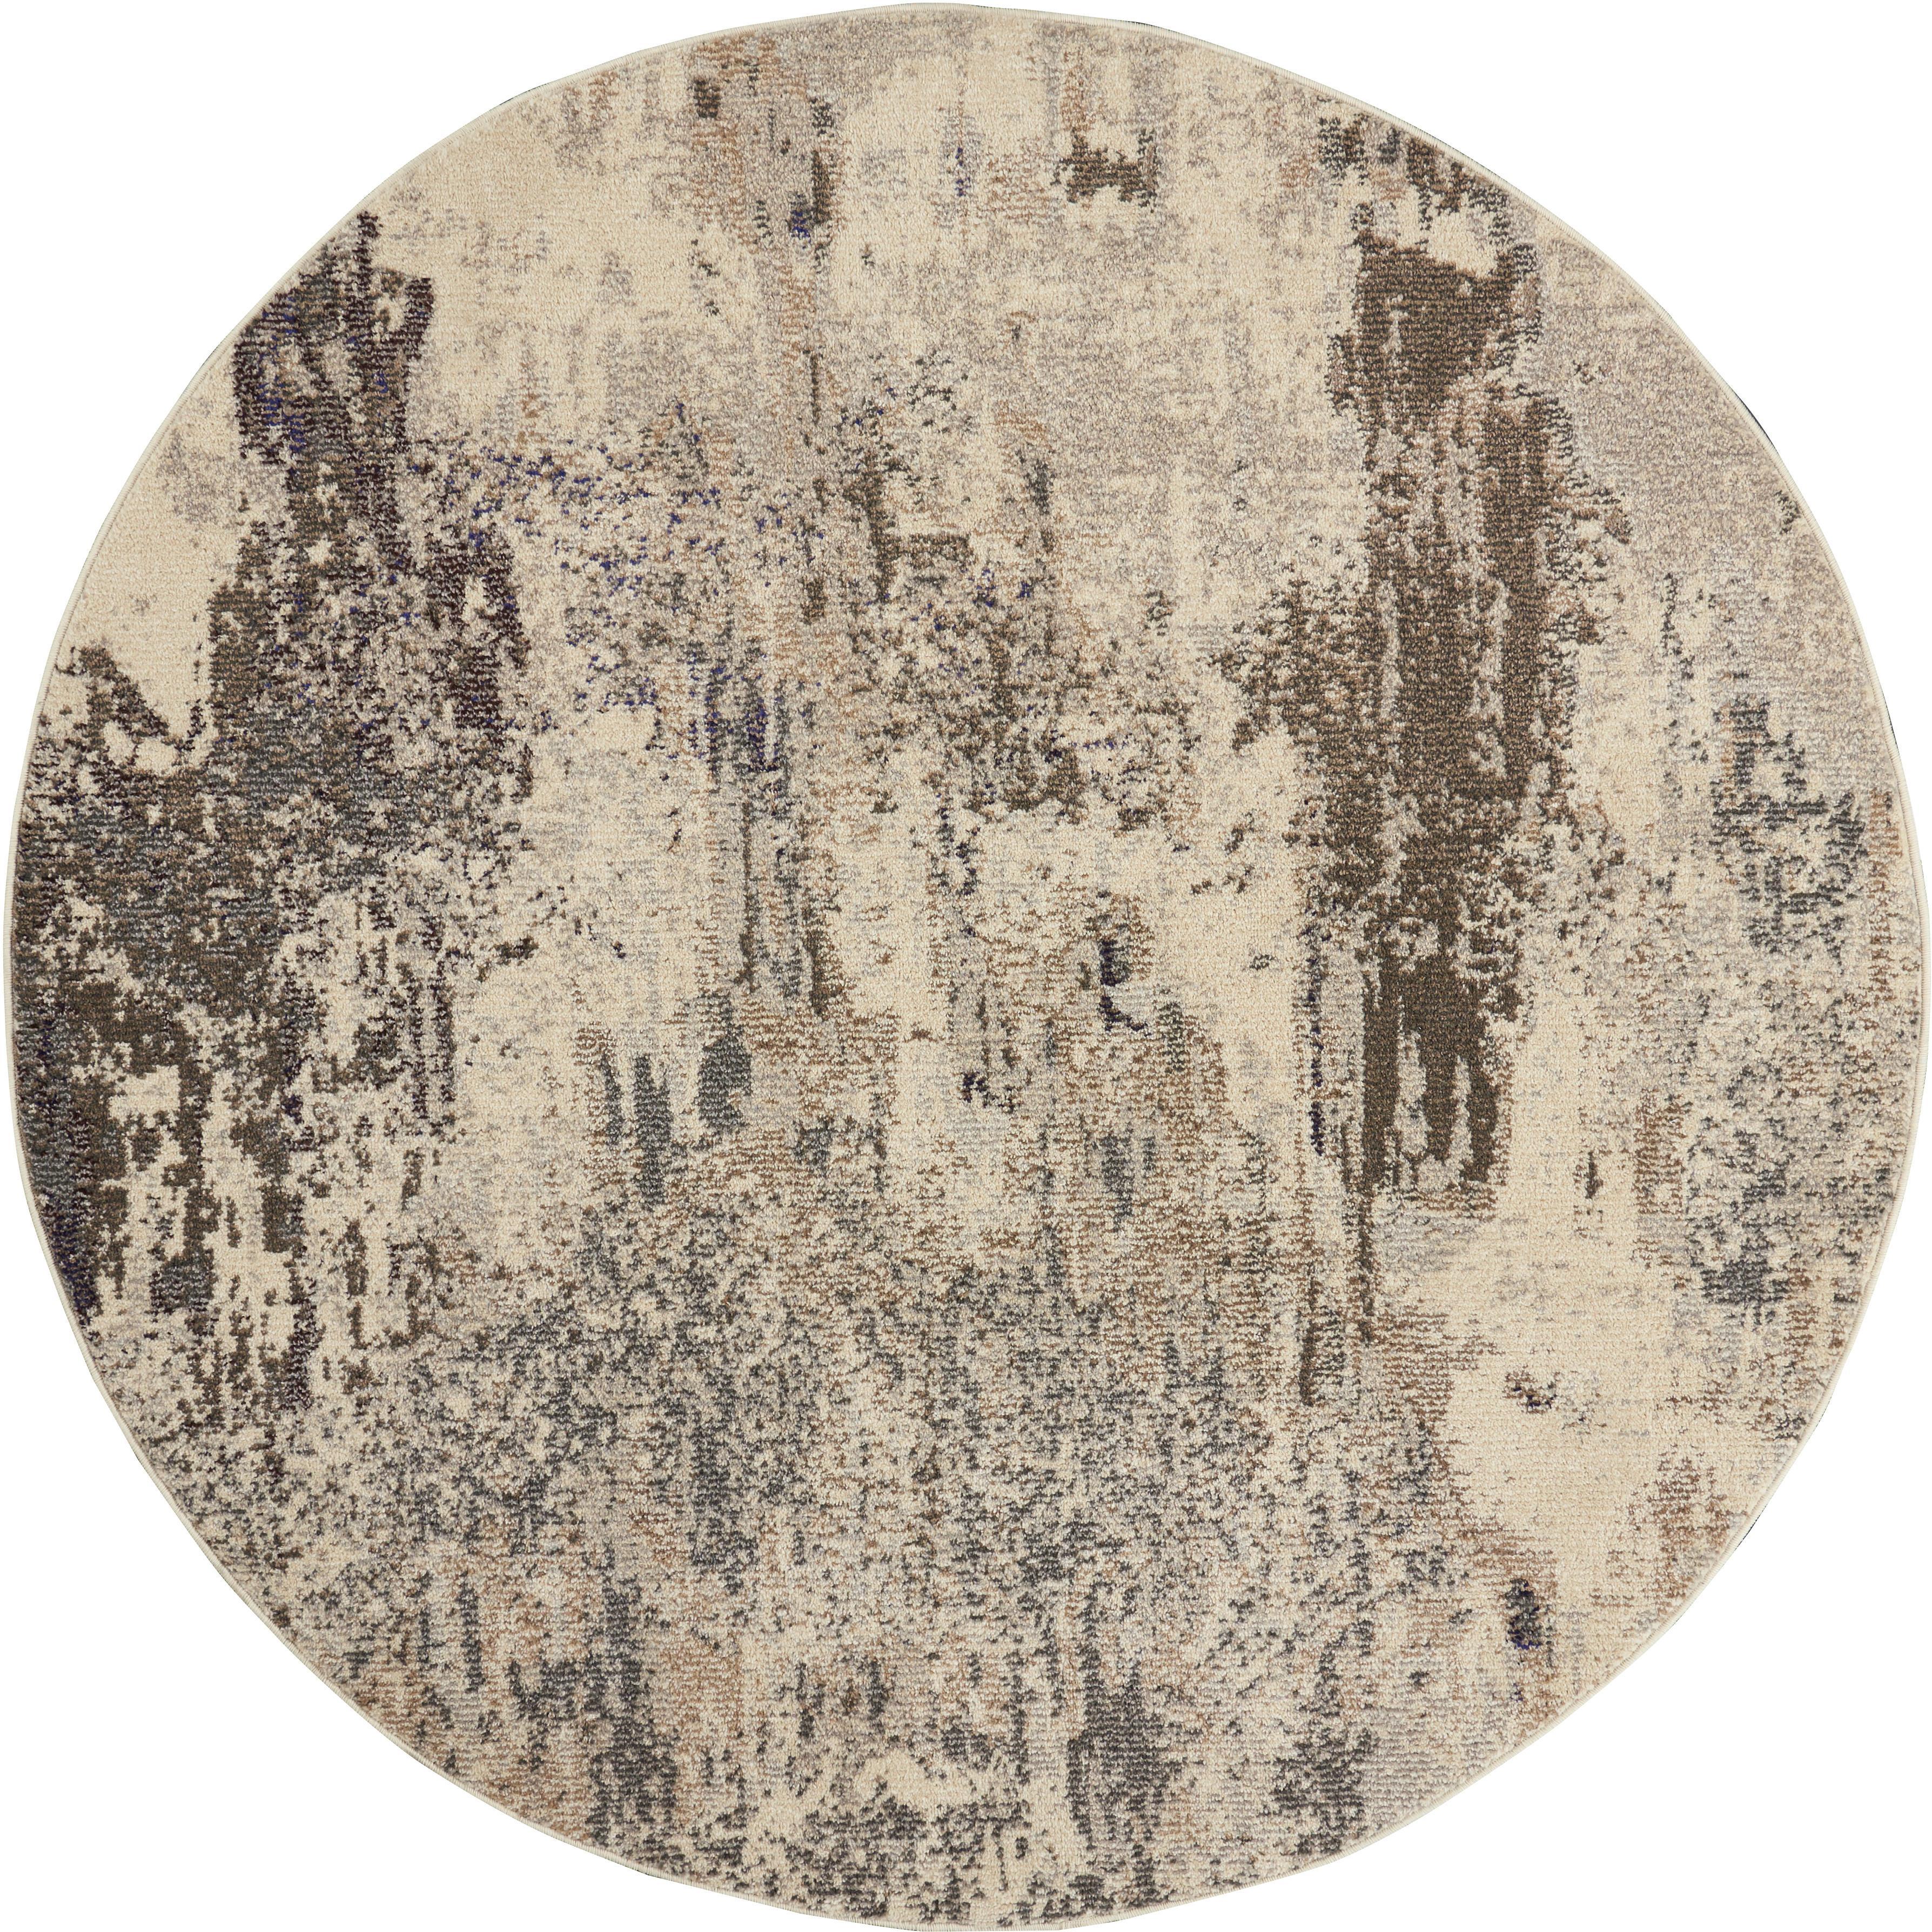 Runder Designteppich Celestial in Beige, Flor: 100% Polypropylen, Beigetöne, Ø 240 cm (Grösse XL)